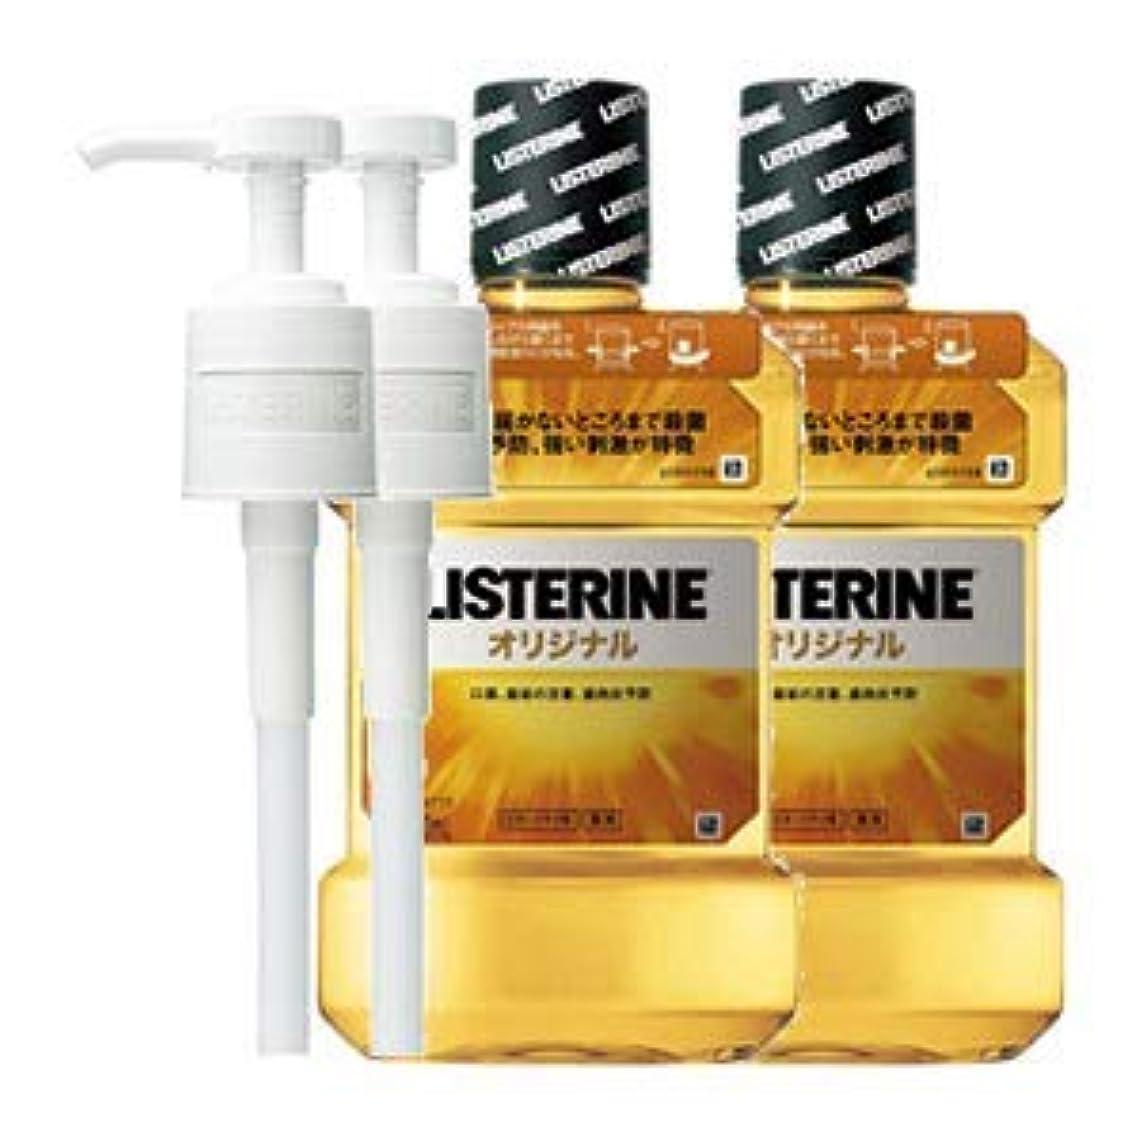 高い調和のとれたにおい薬用リステリン オリジナル (マウスウォッシュ/洗口液) 1000mL 2点セット (ポンプ付)